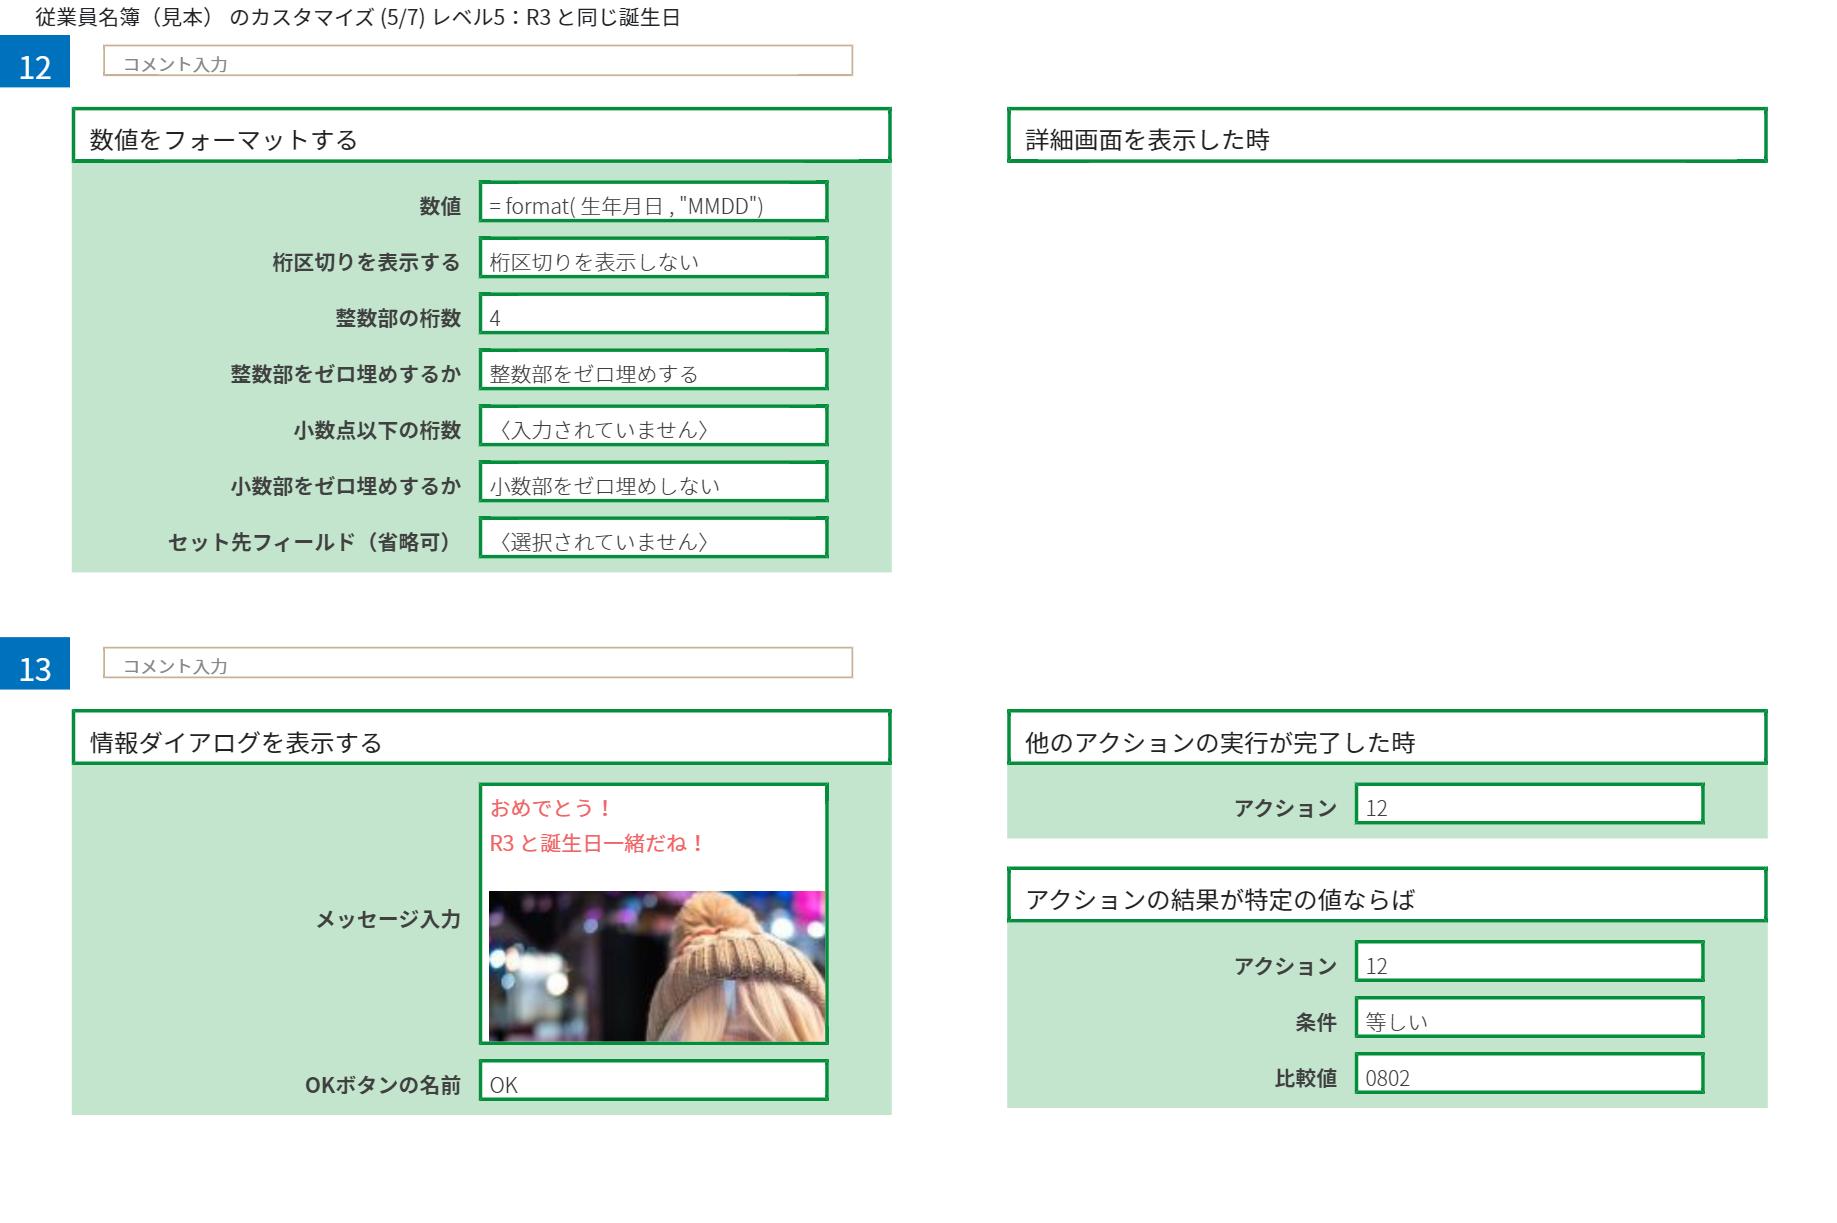 従業員名簿(見本) のカスタマイズ-(5-7)-レベル5:R3 と同じ誕生日.png